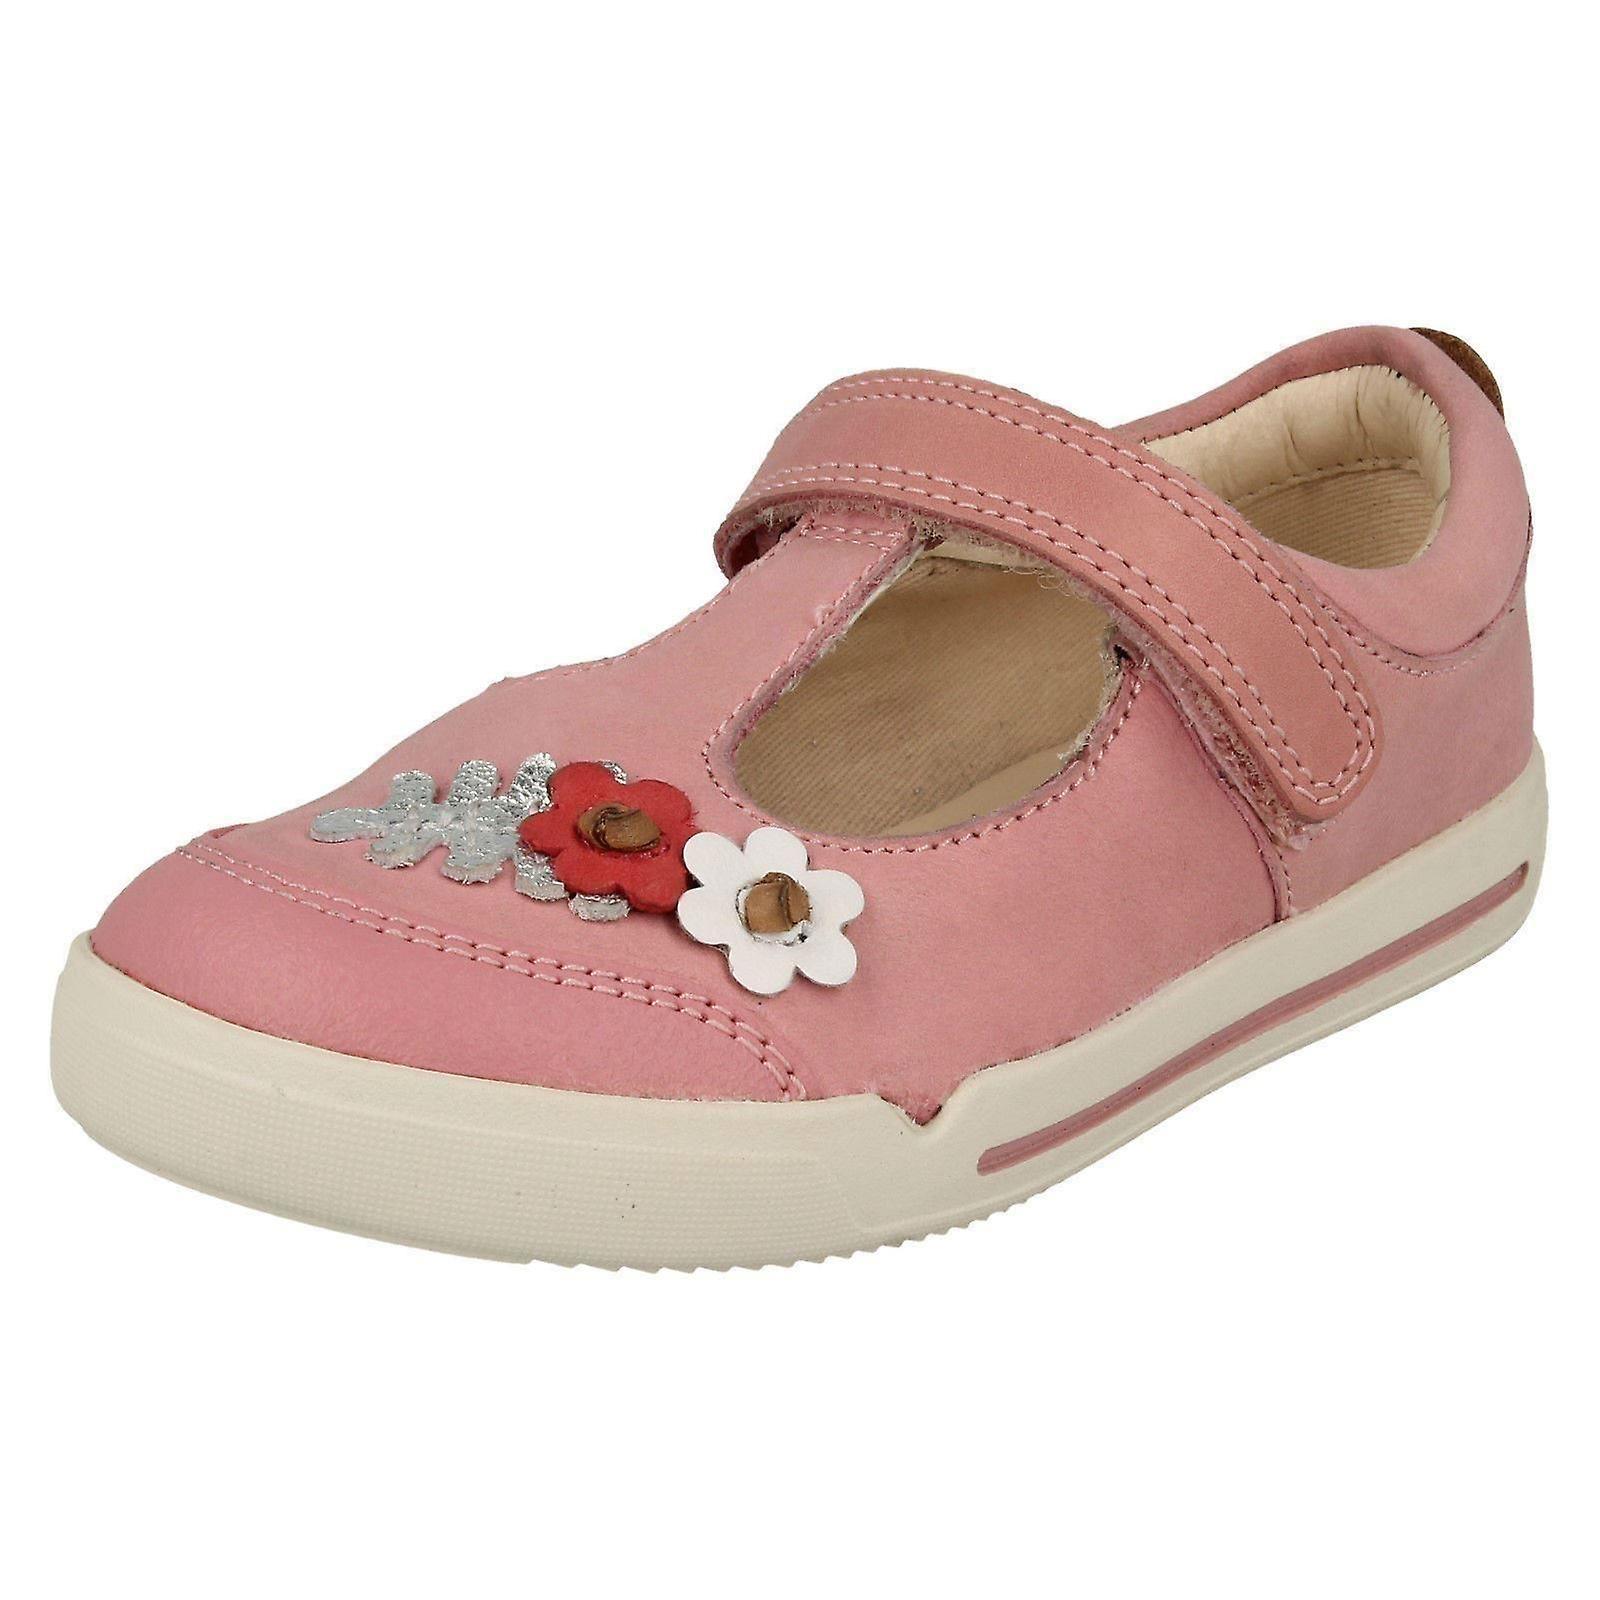 Filles Clarks t du Casual chaussures Mini fleur